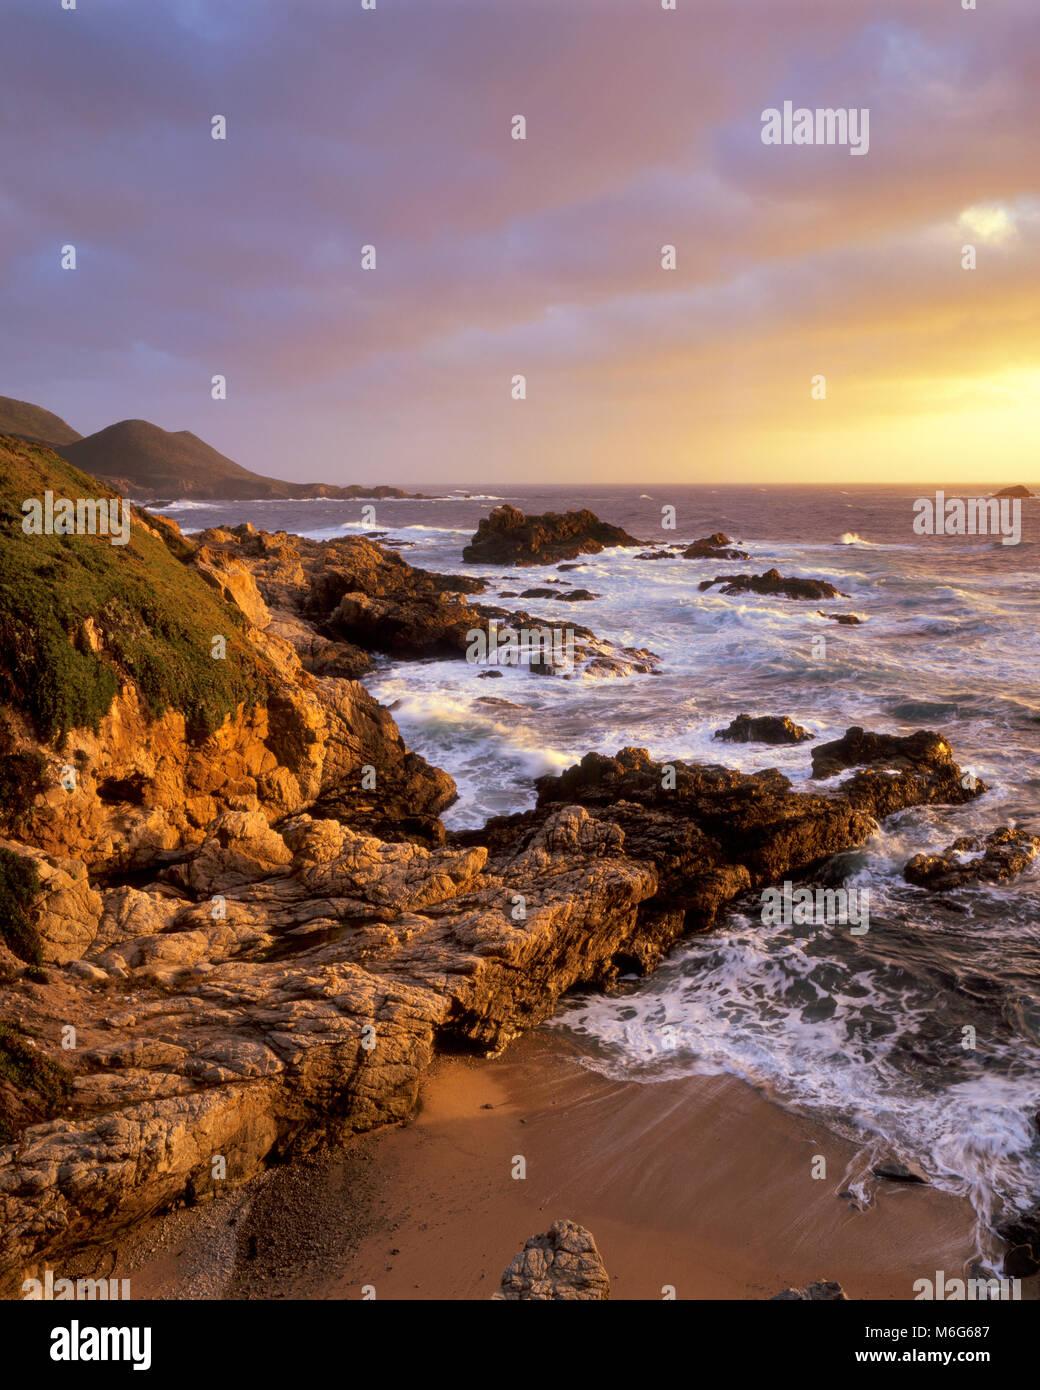 Tramonto, Surf, Garrapata State Park, Big Sur, Monterey County, California Immagini Stock